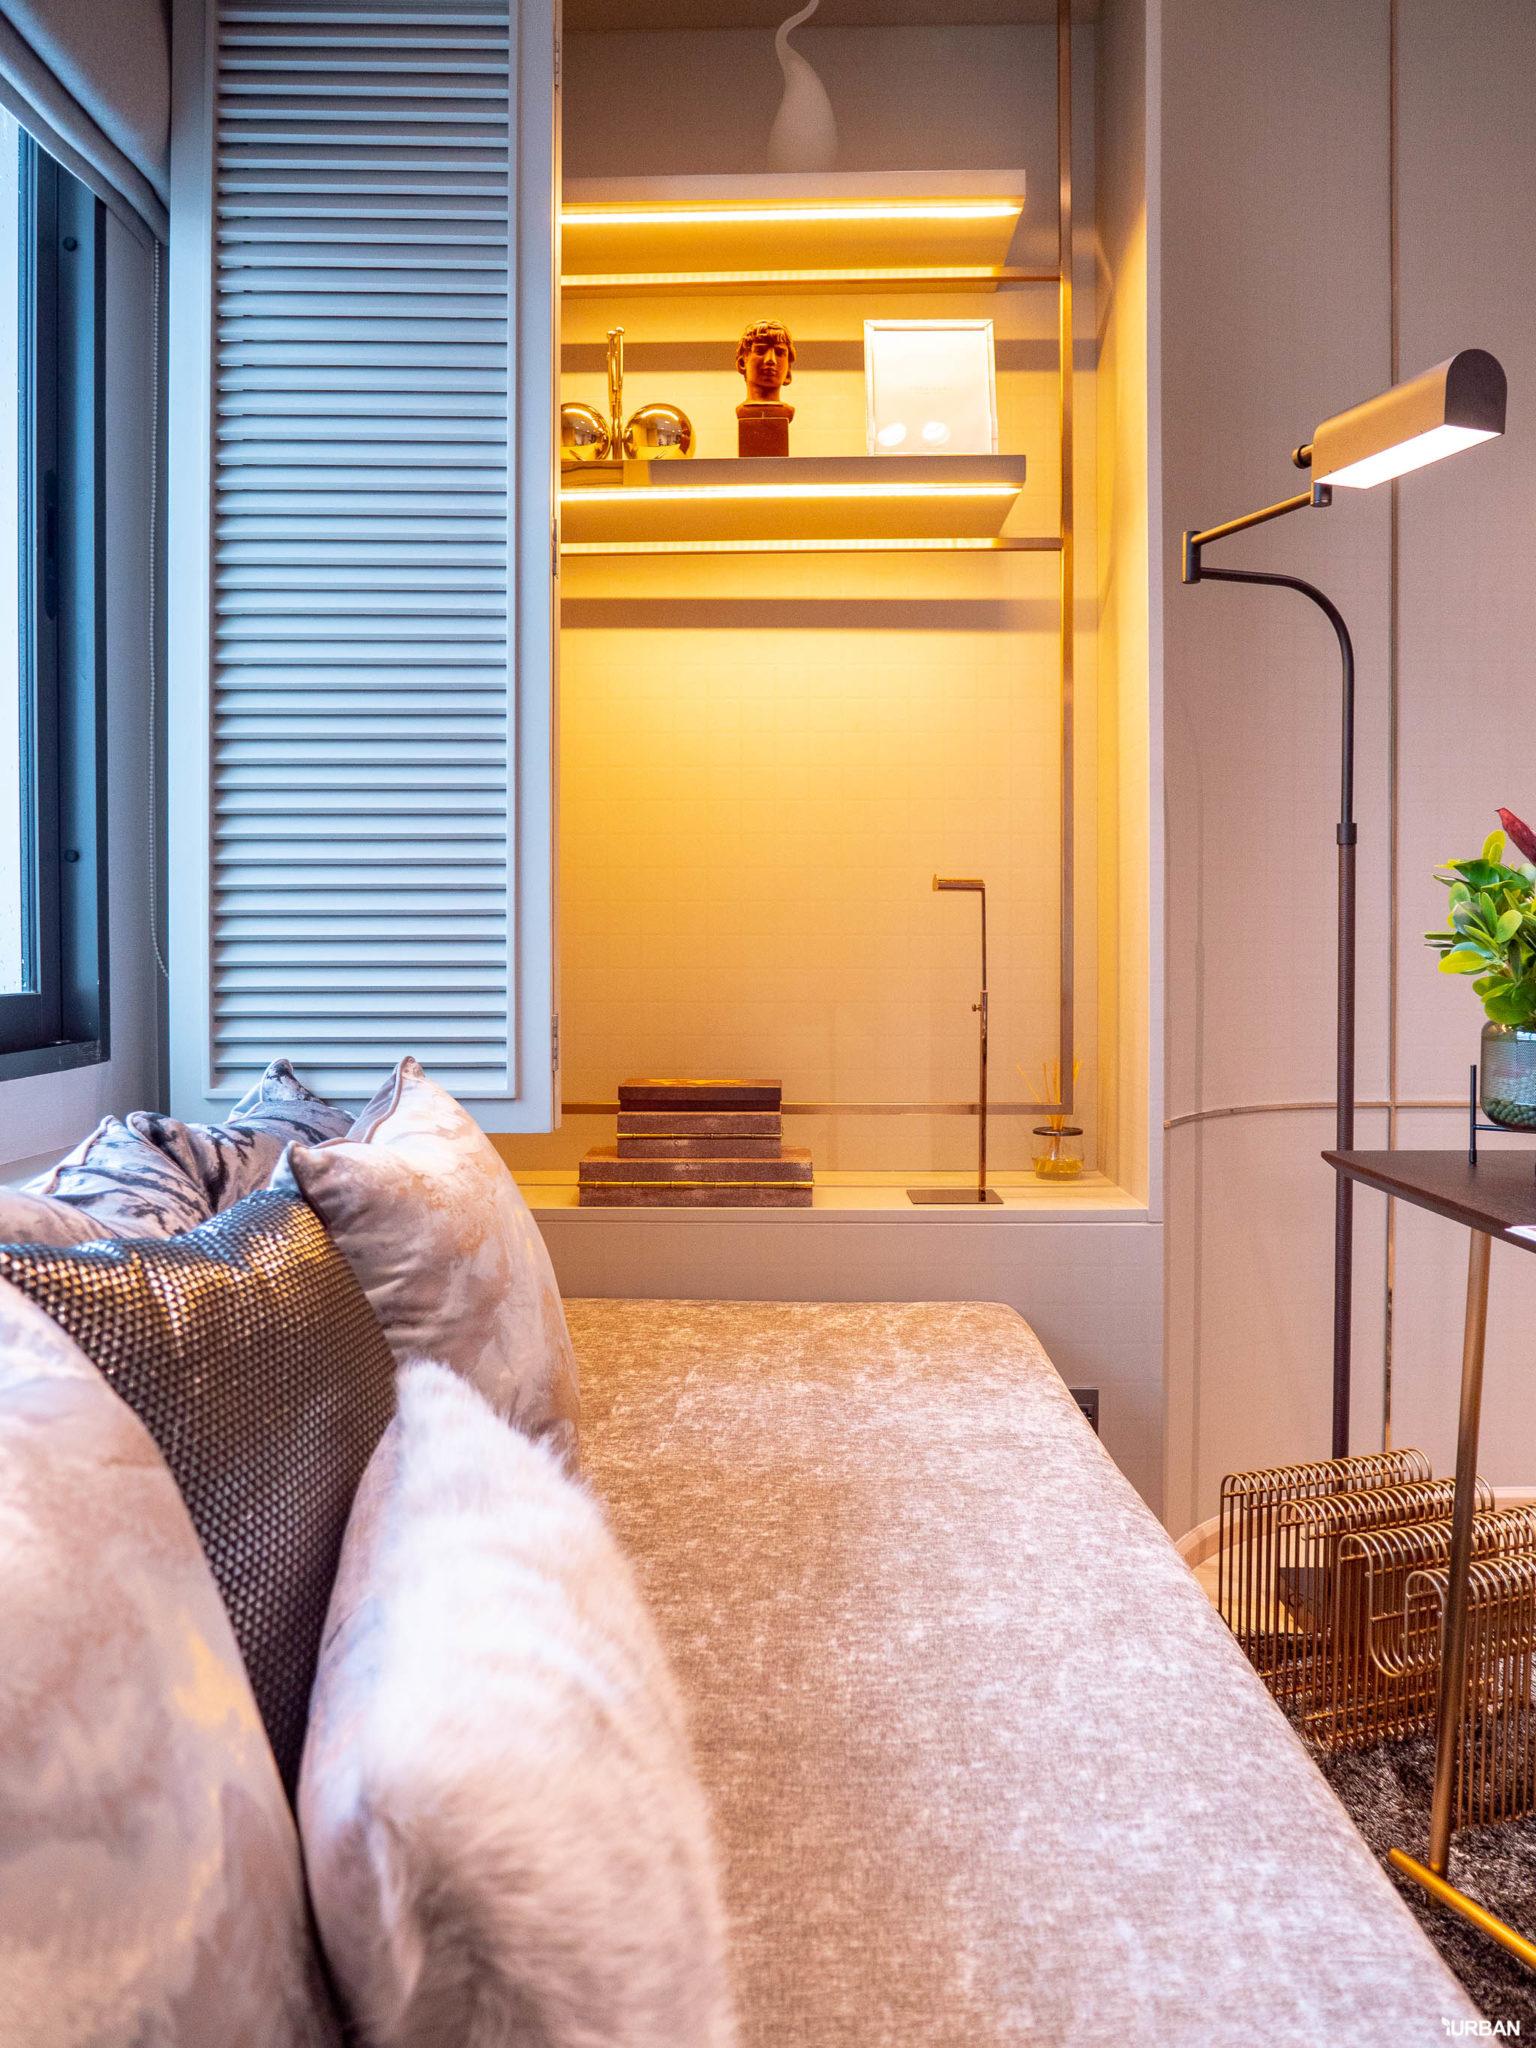 รีวิว URBANIO วิภาวดี-แจ้งวัฒนะ พรีเมียมทาวน์โฮม 3 ชั้นสุดสวย ใกล้สถานี Interchange เริ่ม 5.59 ล้าน จาก Ananda 110 - Premium